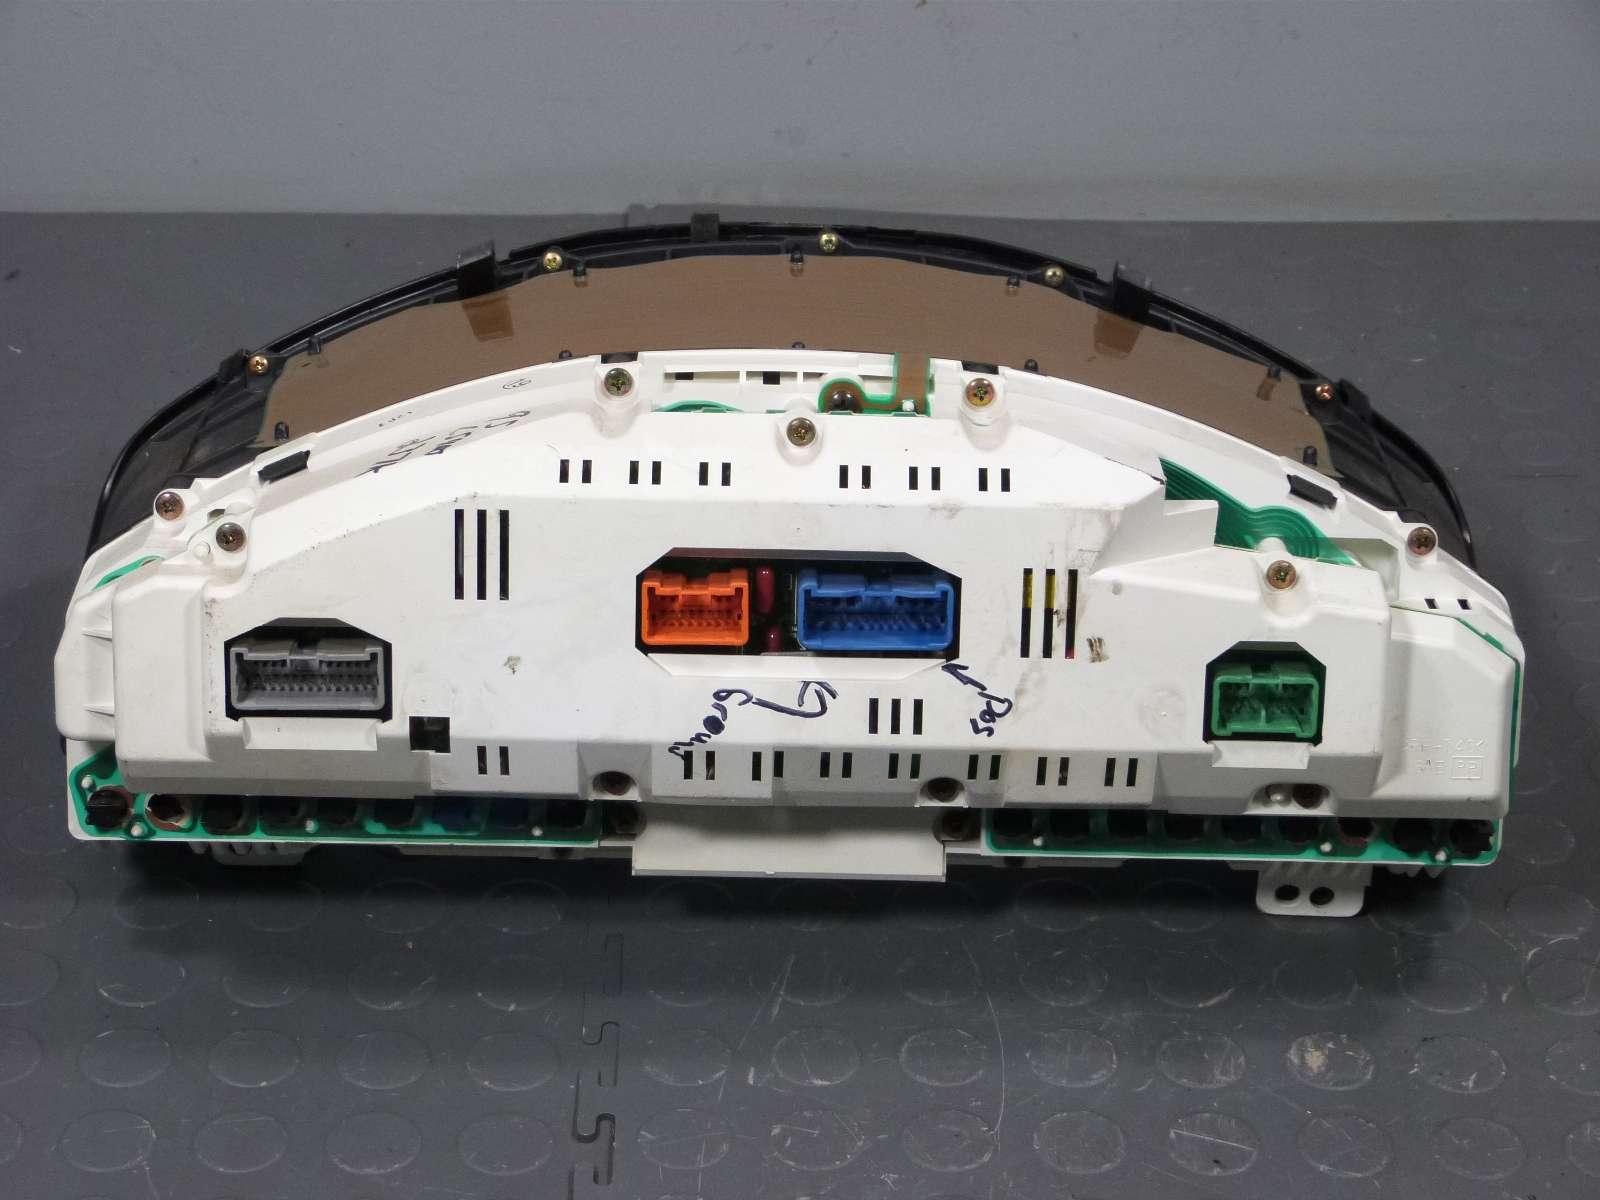 95 96 97 lexus ls400 instrument gauge cluster speedometer gauges 237k tested ebay. Black Bedroom Furniture Sets. Home Design Ideas